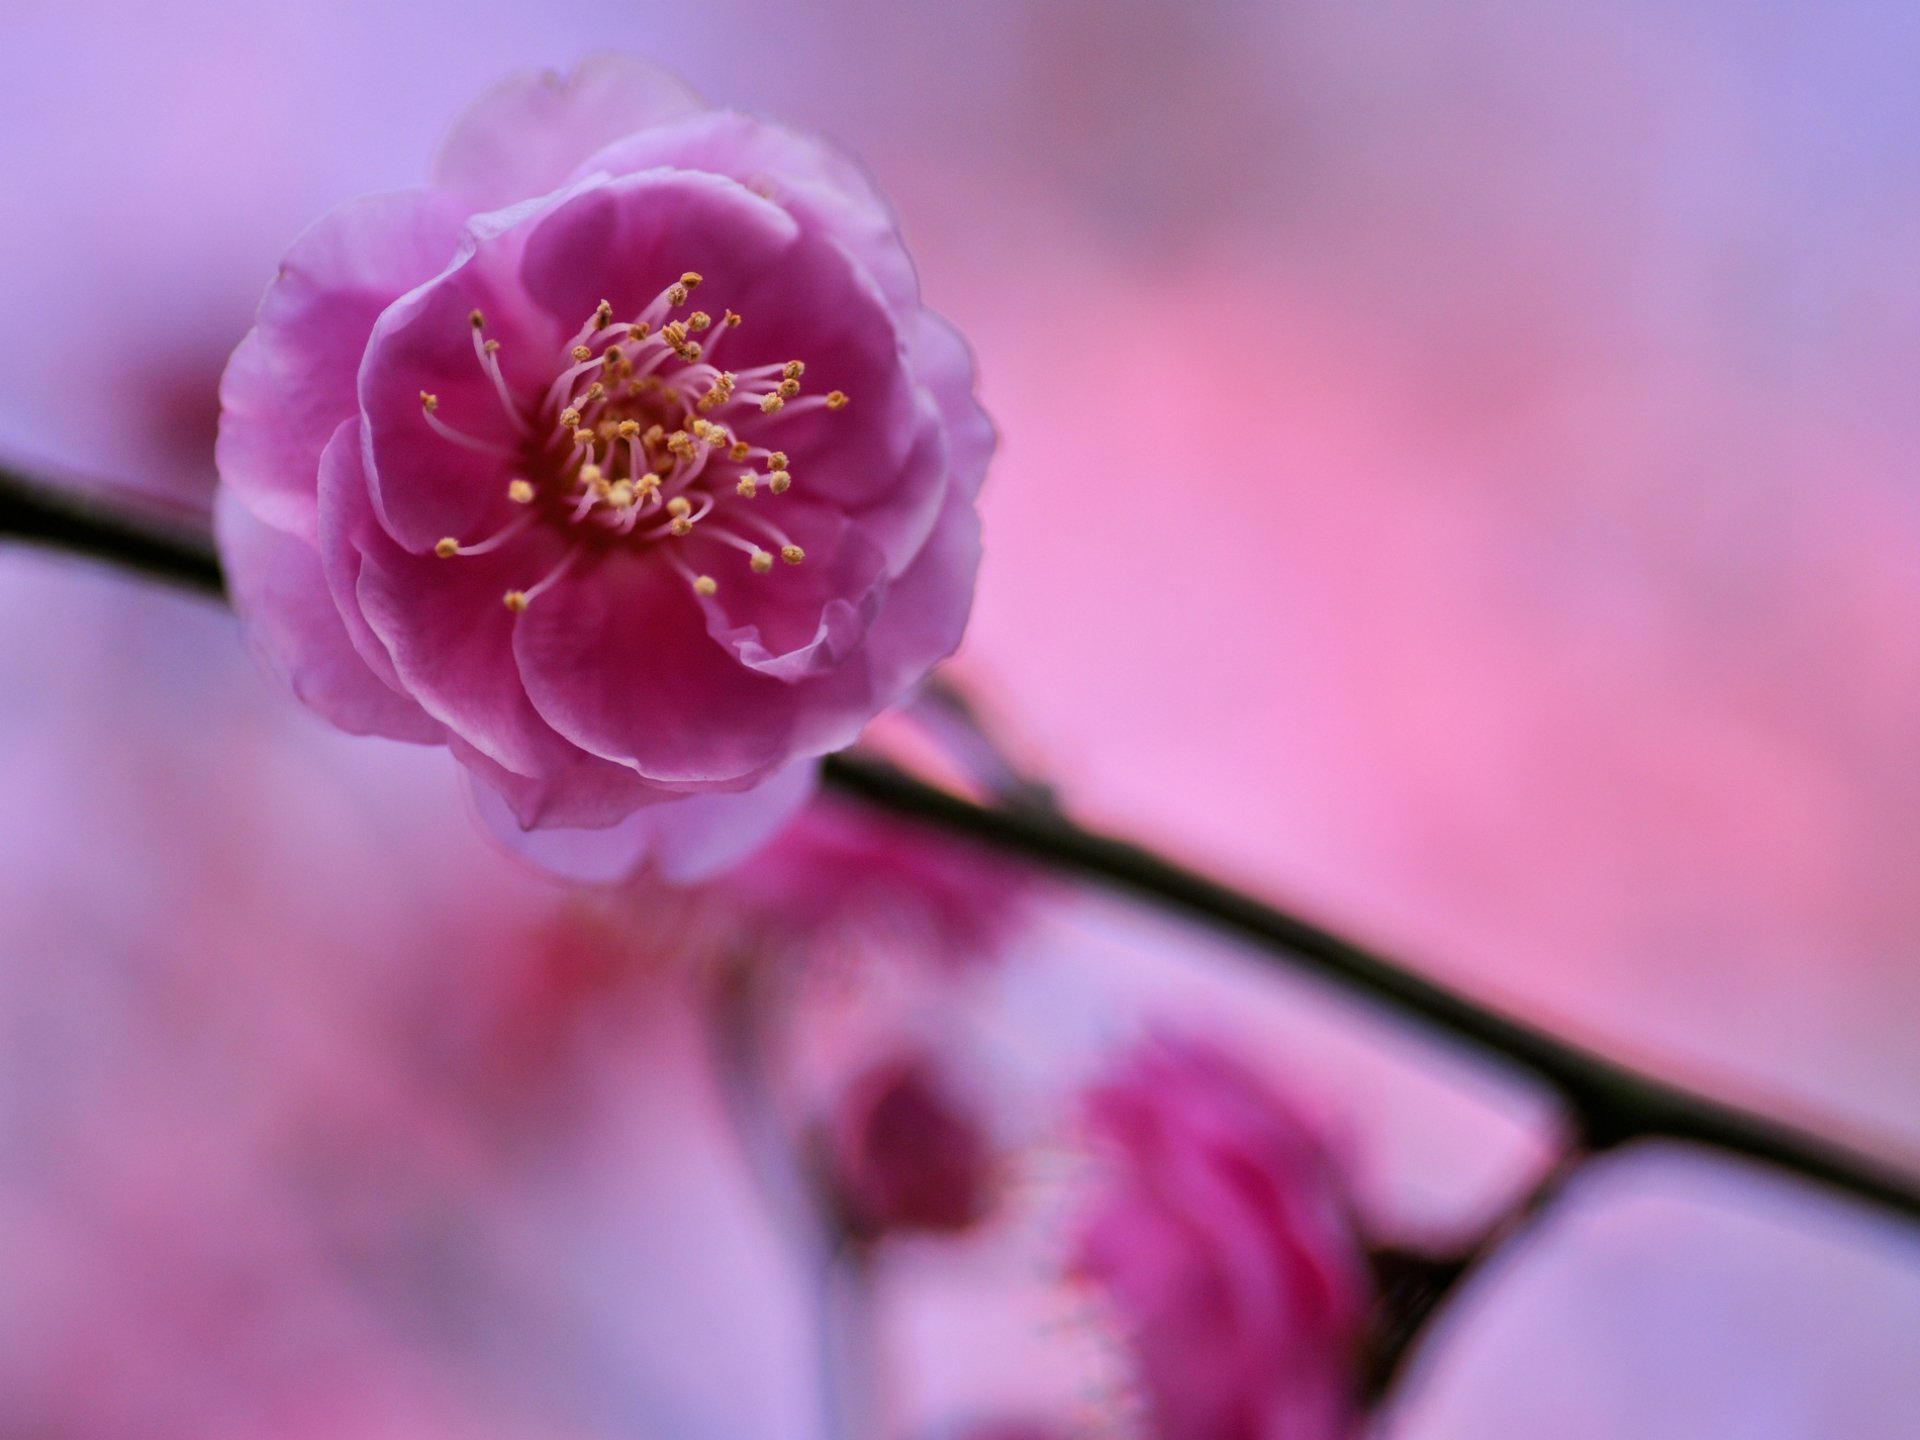 тому фотокартина ветка цветущей розовой сливы которая больше прекрасней